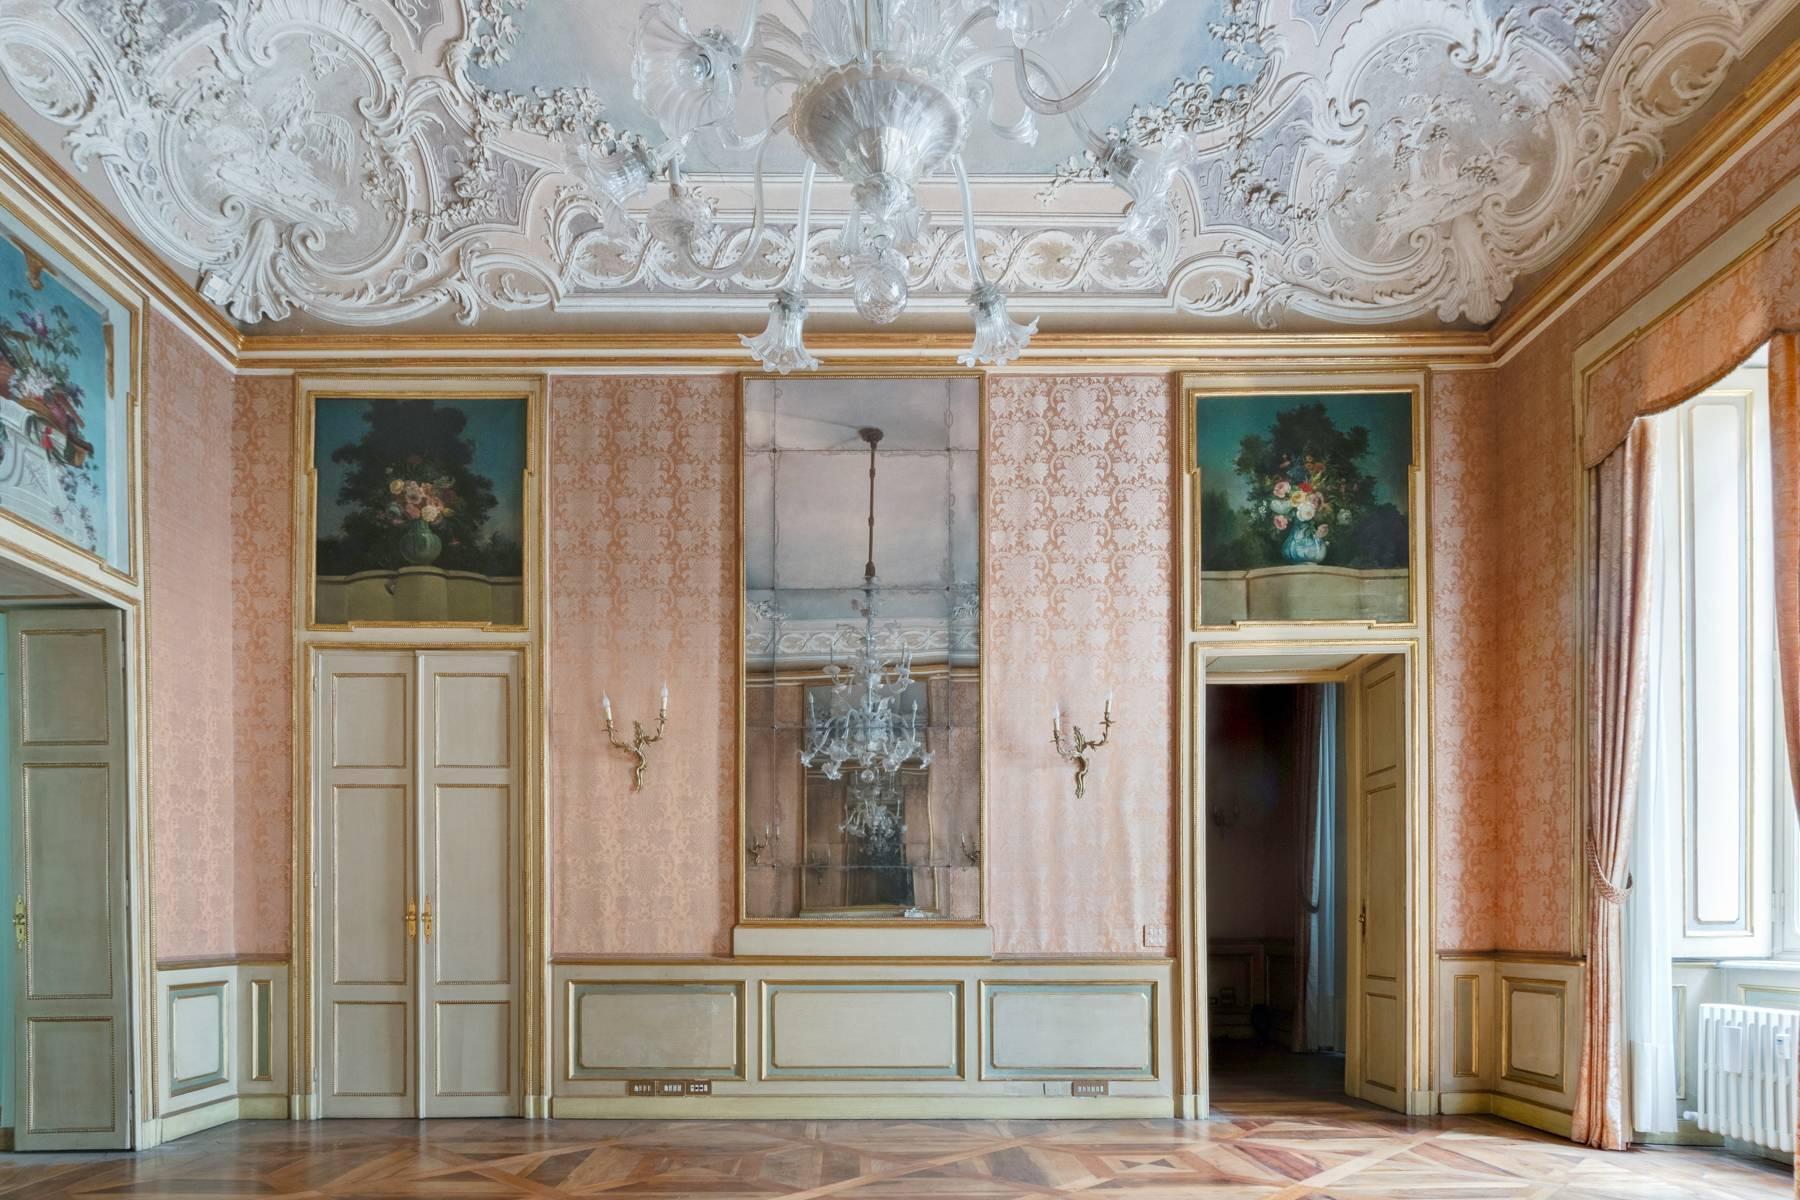 Luxus-Wohnung im historischen Palast - 16